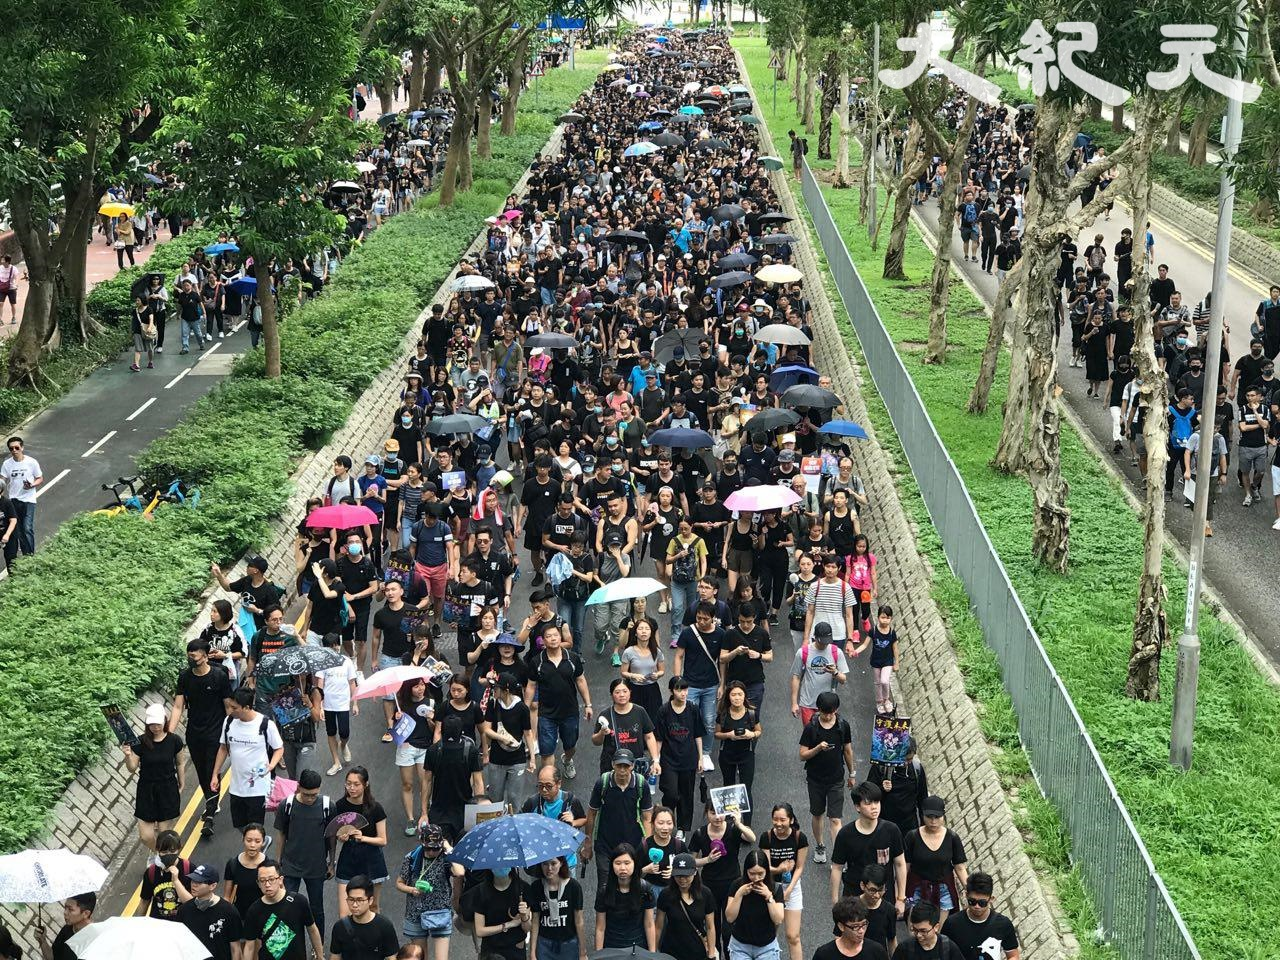 【直播更新】示威者集結銅鑼灣 拆號誌封路 | 香港反送中 | 寶翠公園 | 將軍澳 | 新唐人中文電視臺在線